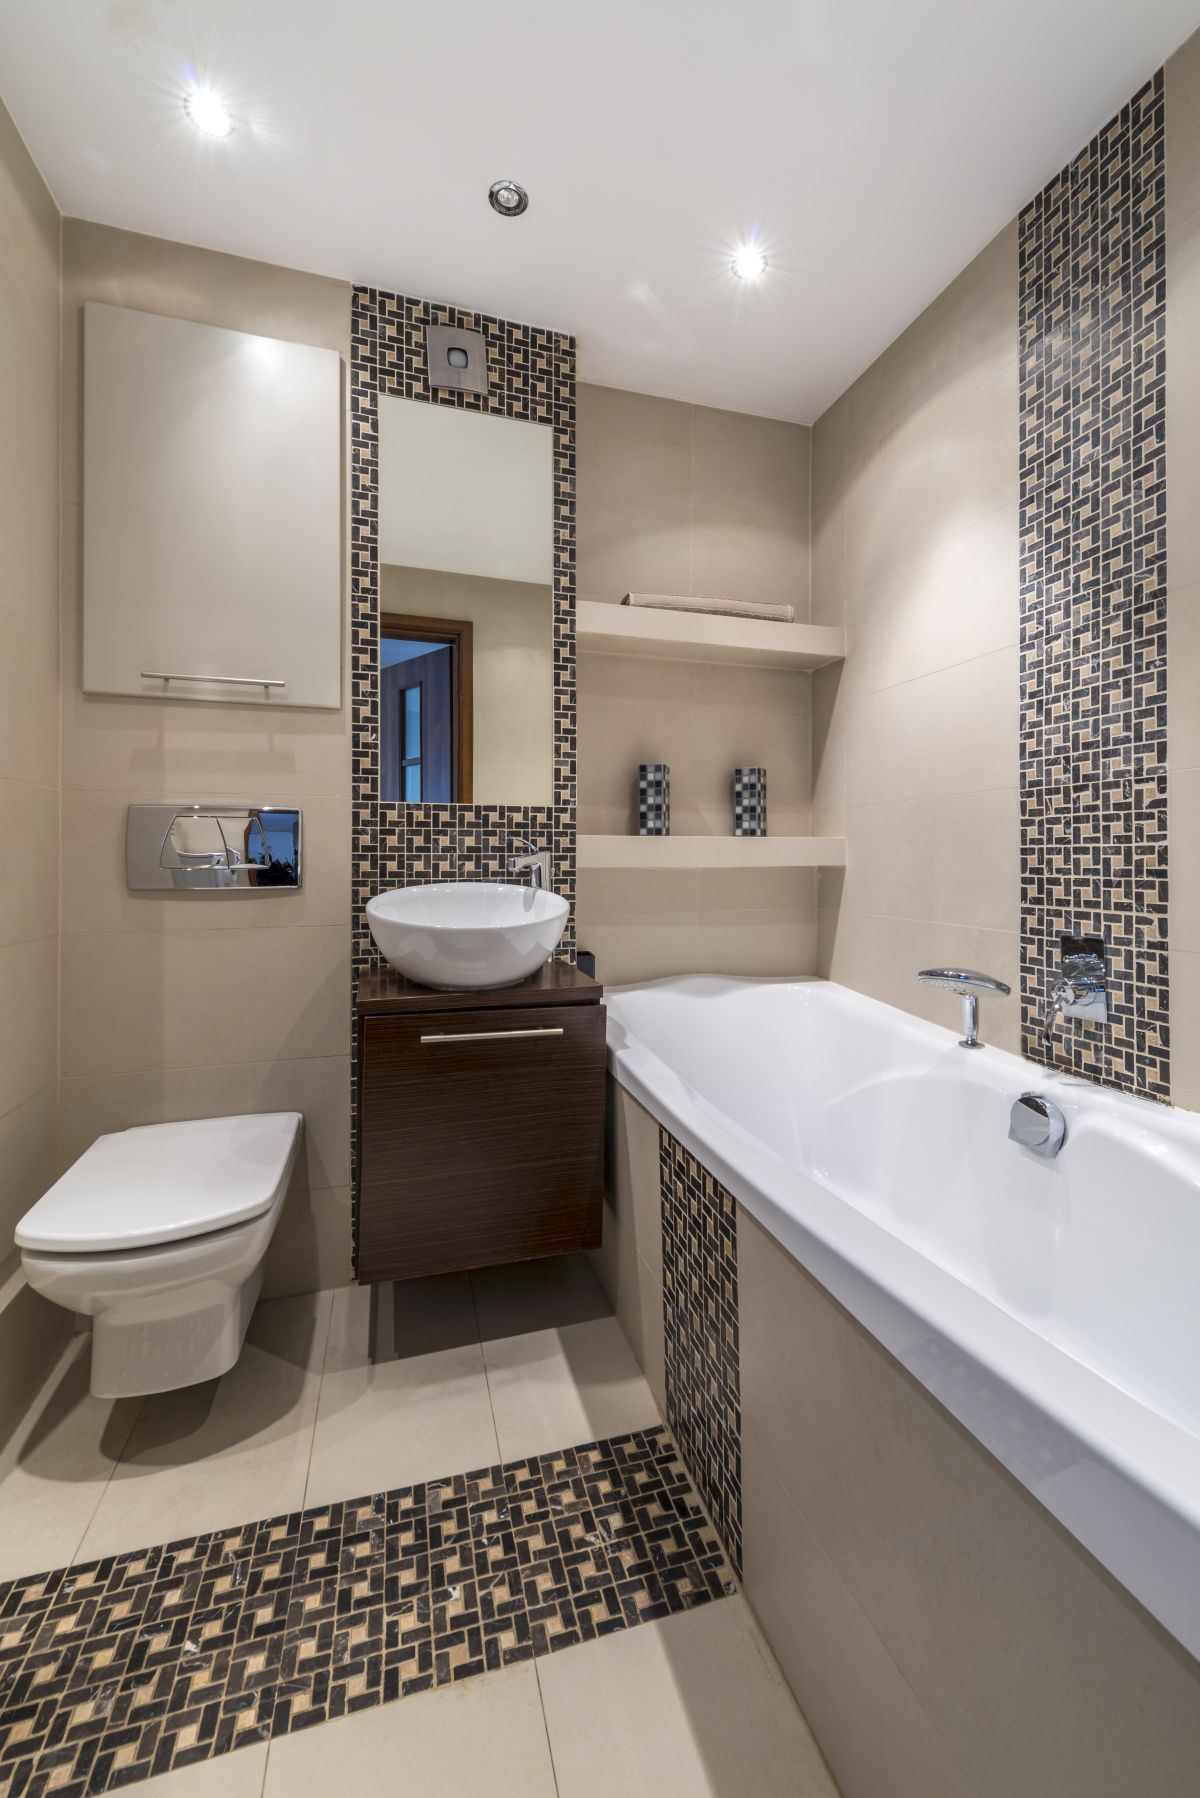 Идея для маленькой ванны - бежевые цвета с мозаикой